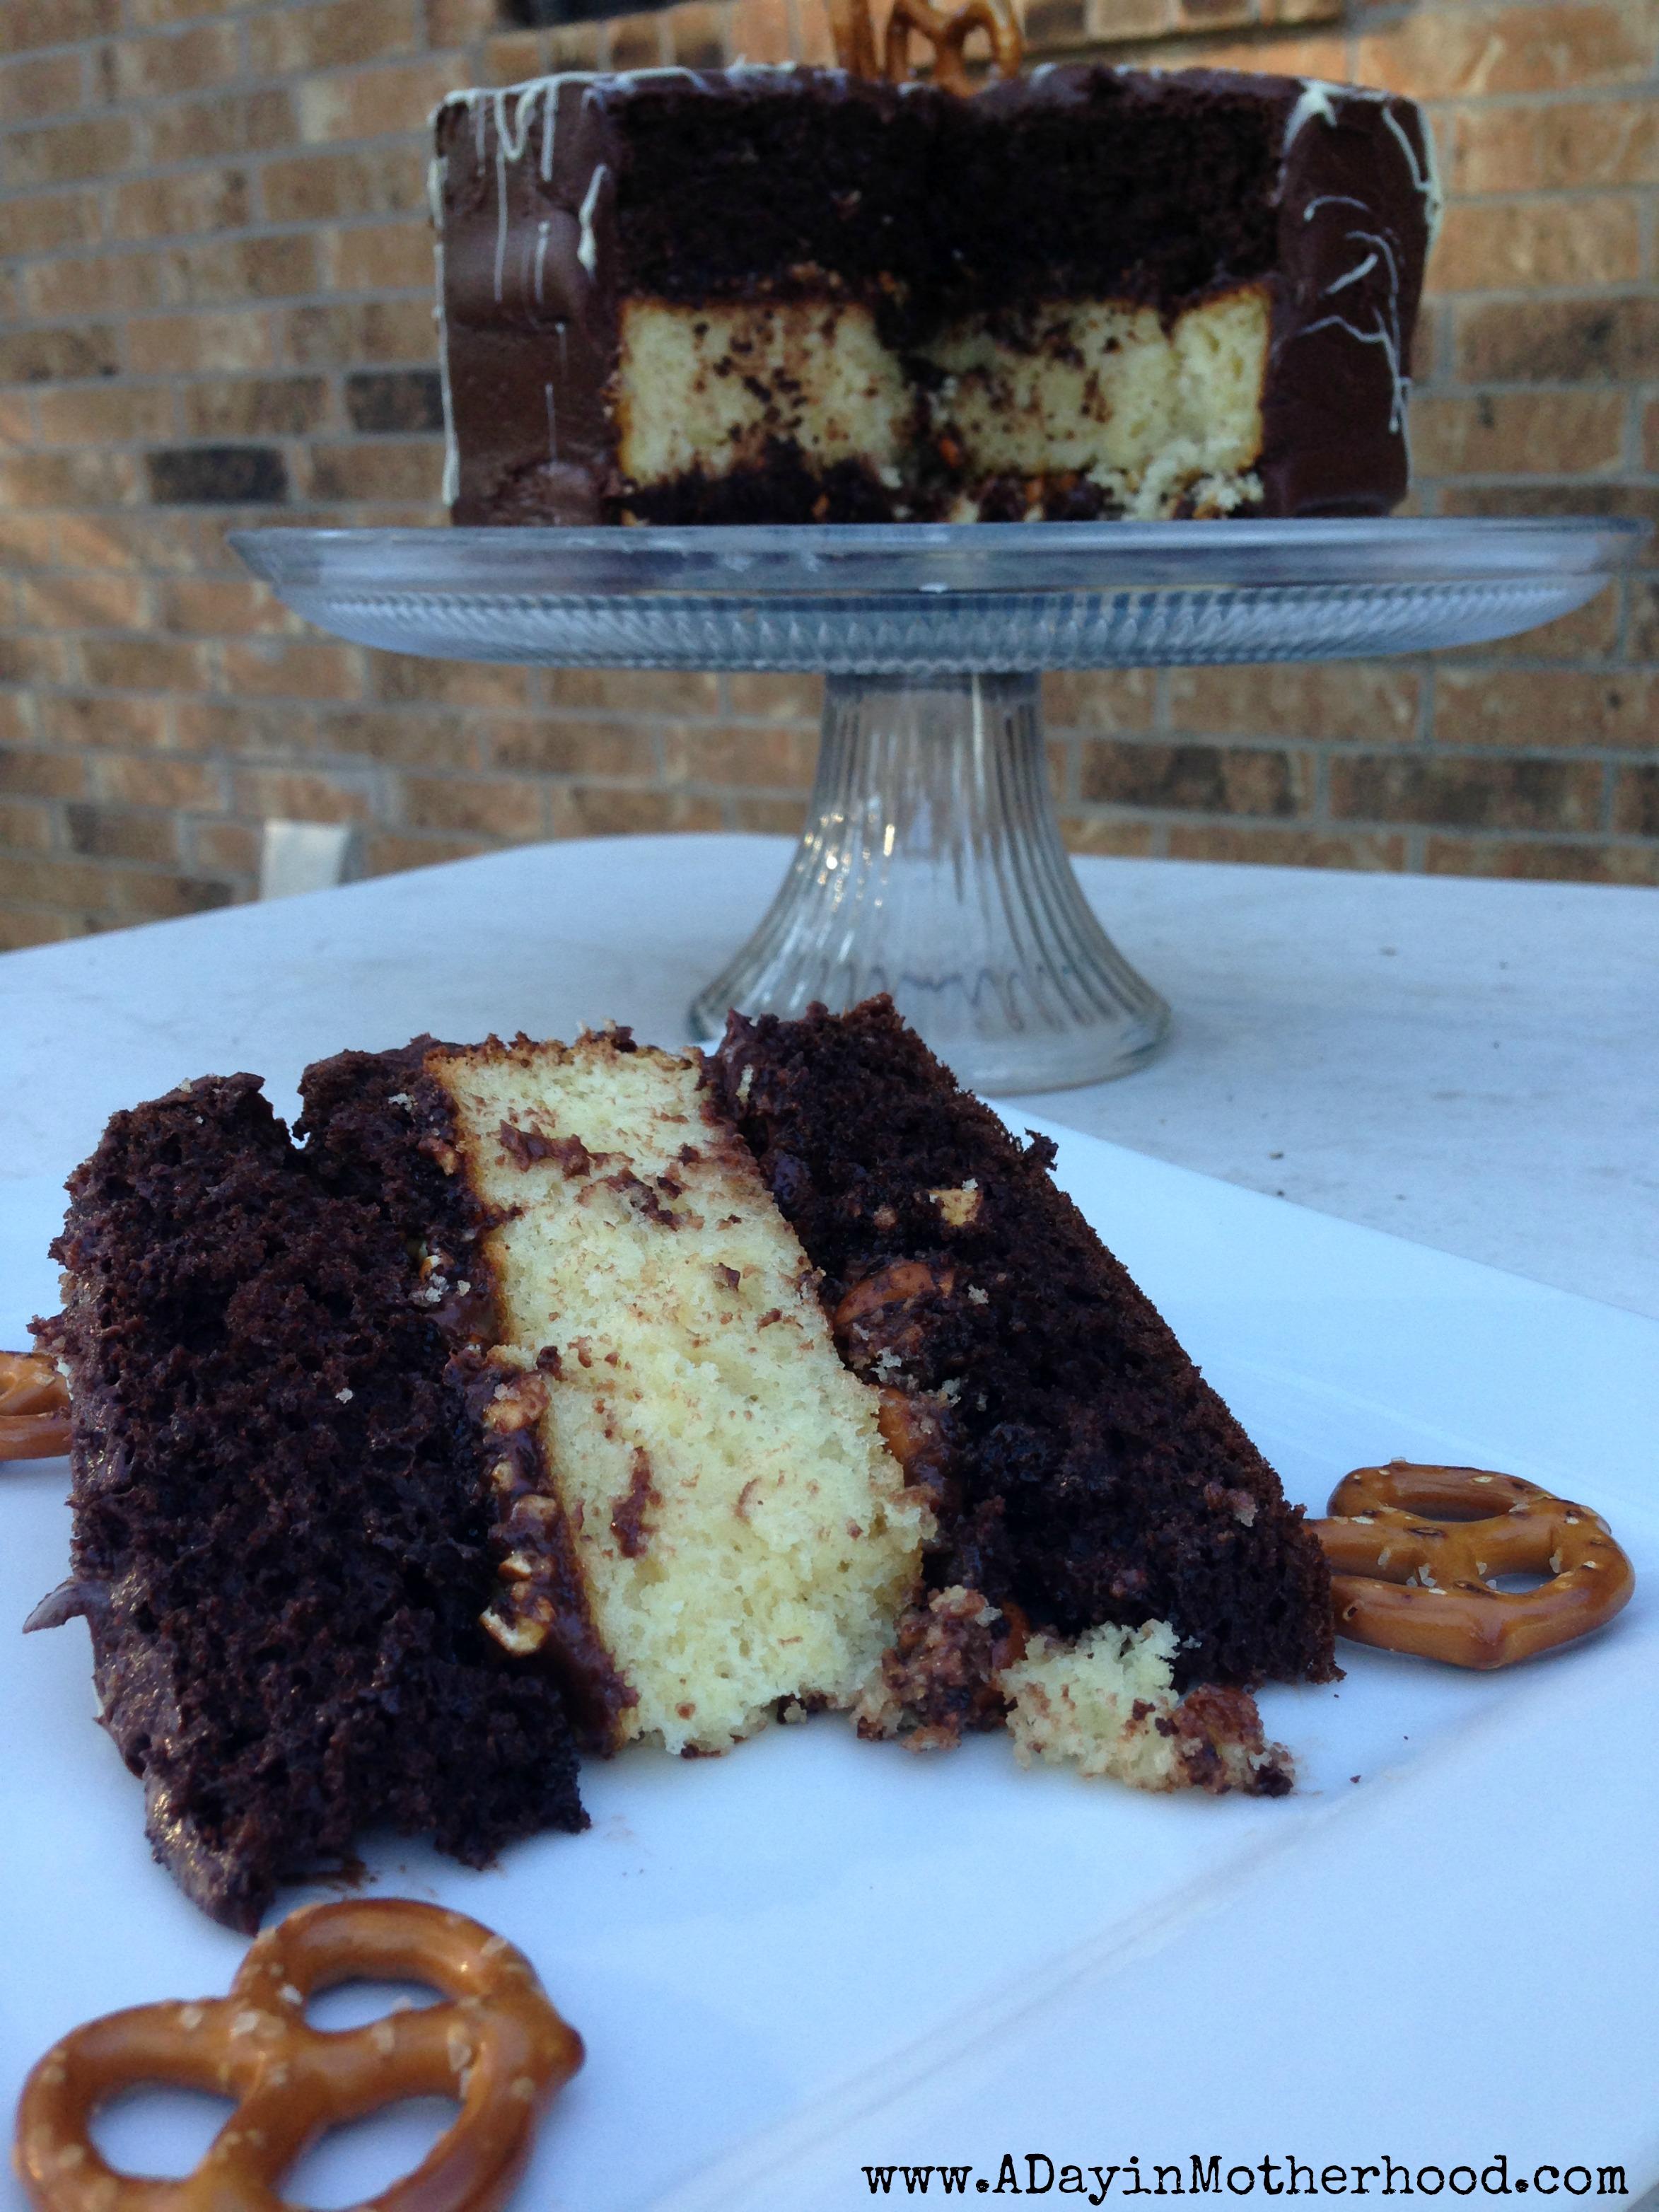 Chocolate Caramel Pretzel Cake